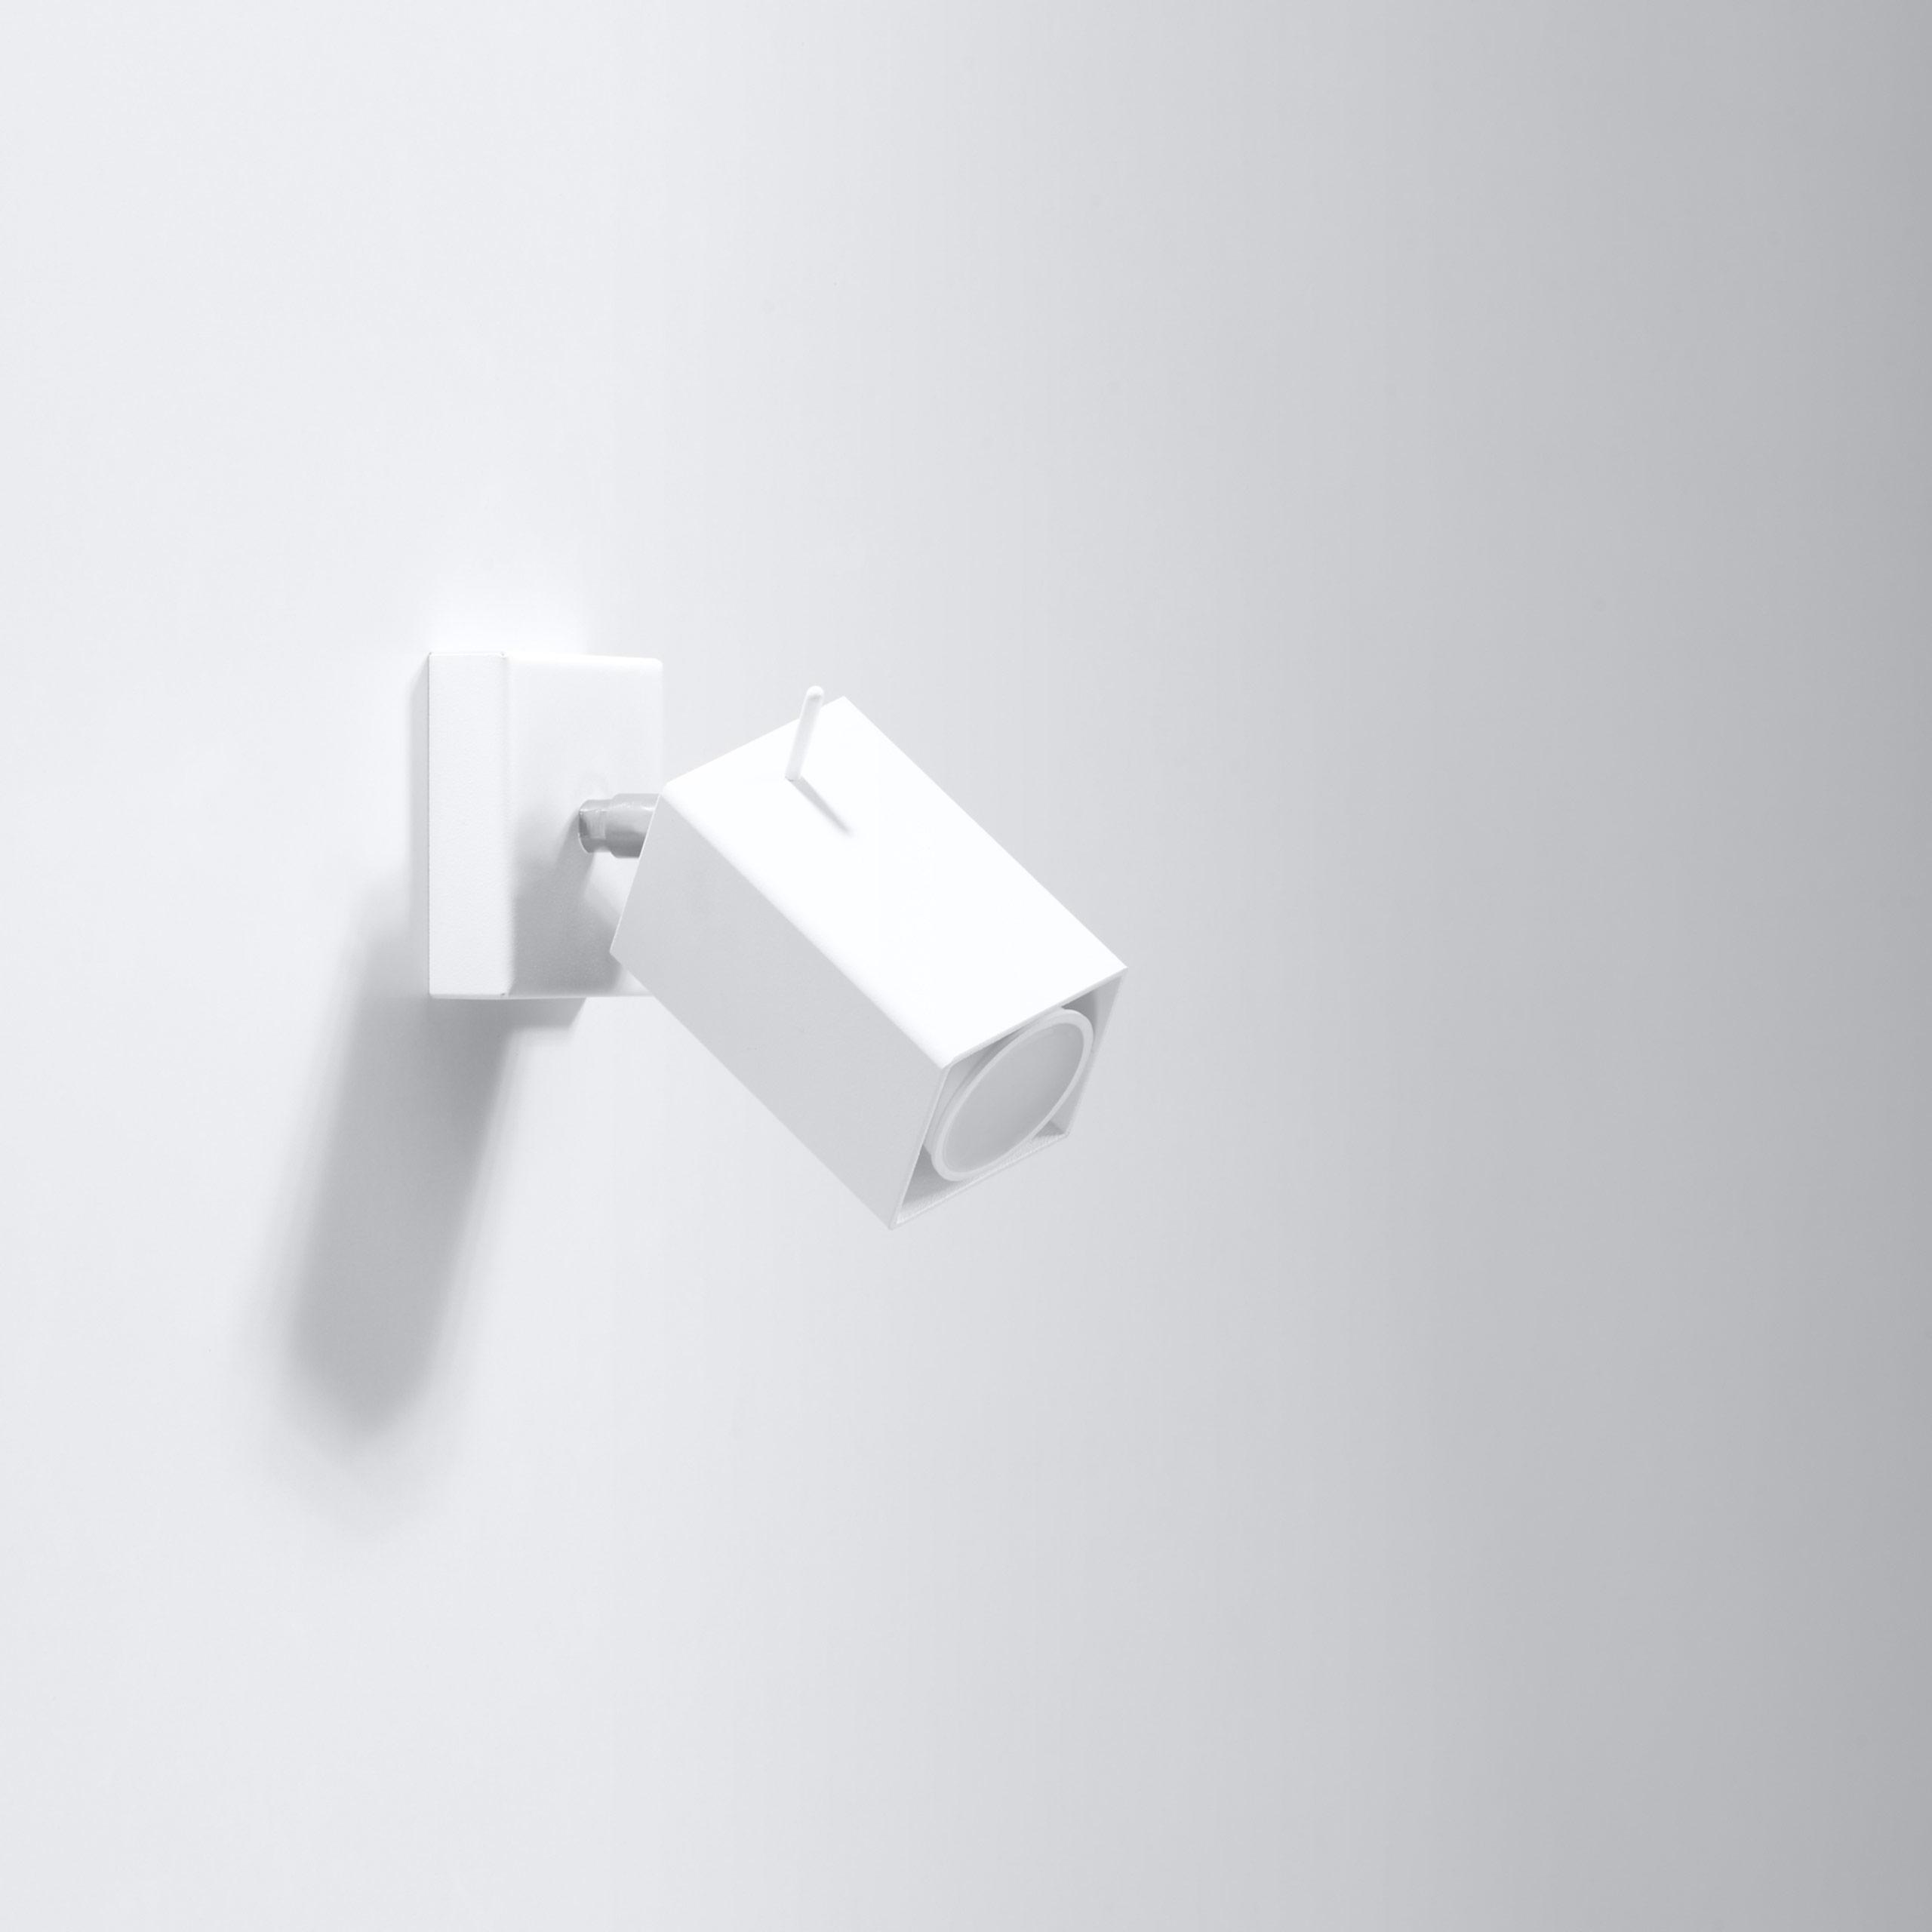 led strahler merida 1 stahl wei f r wand oder decke wohnlicht. Black Bedroom Furniture Sets. Home Design Ideas